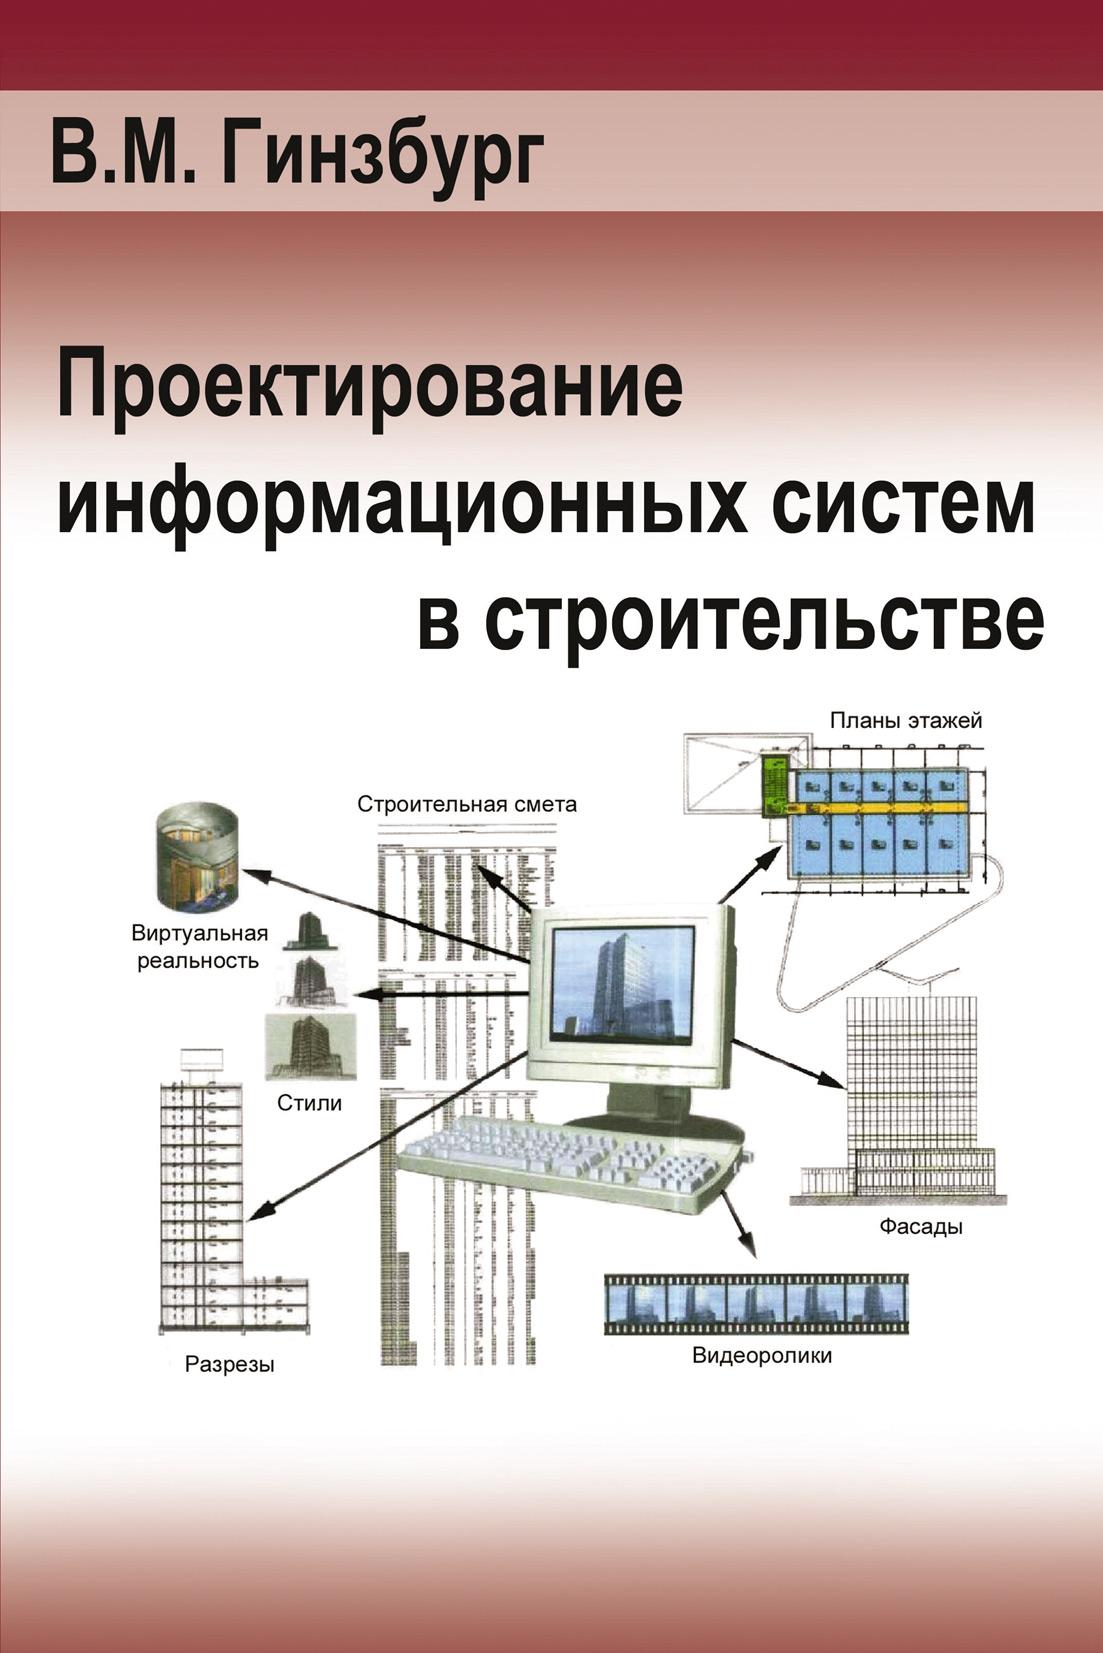 В. М. Гинзбург Проектирование информационных систем в строительстве. Информационное обеспечение в м гинзбург проектирование информационных систем в строительстве информационное обеспечение